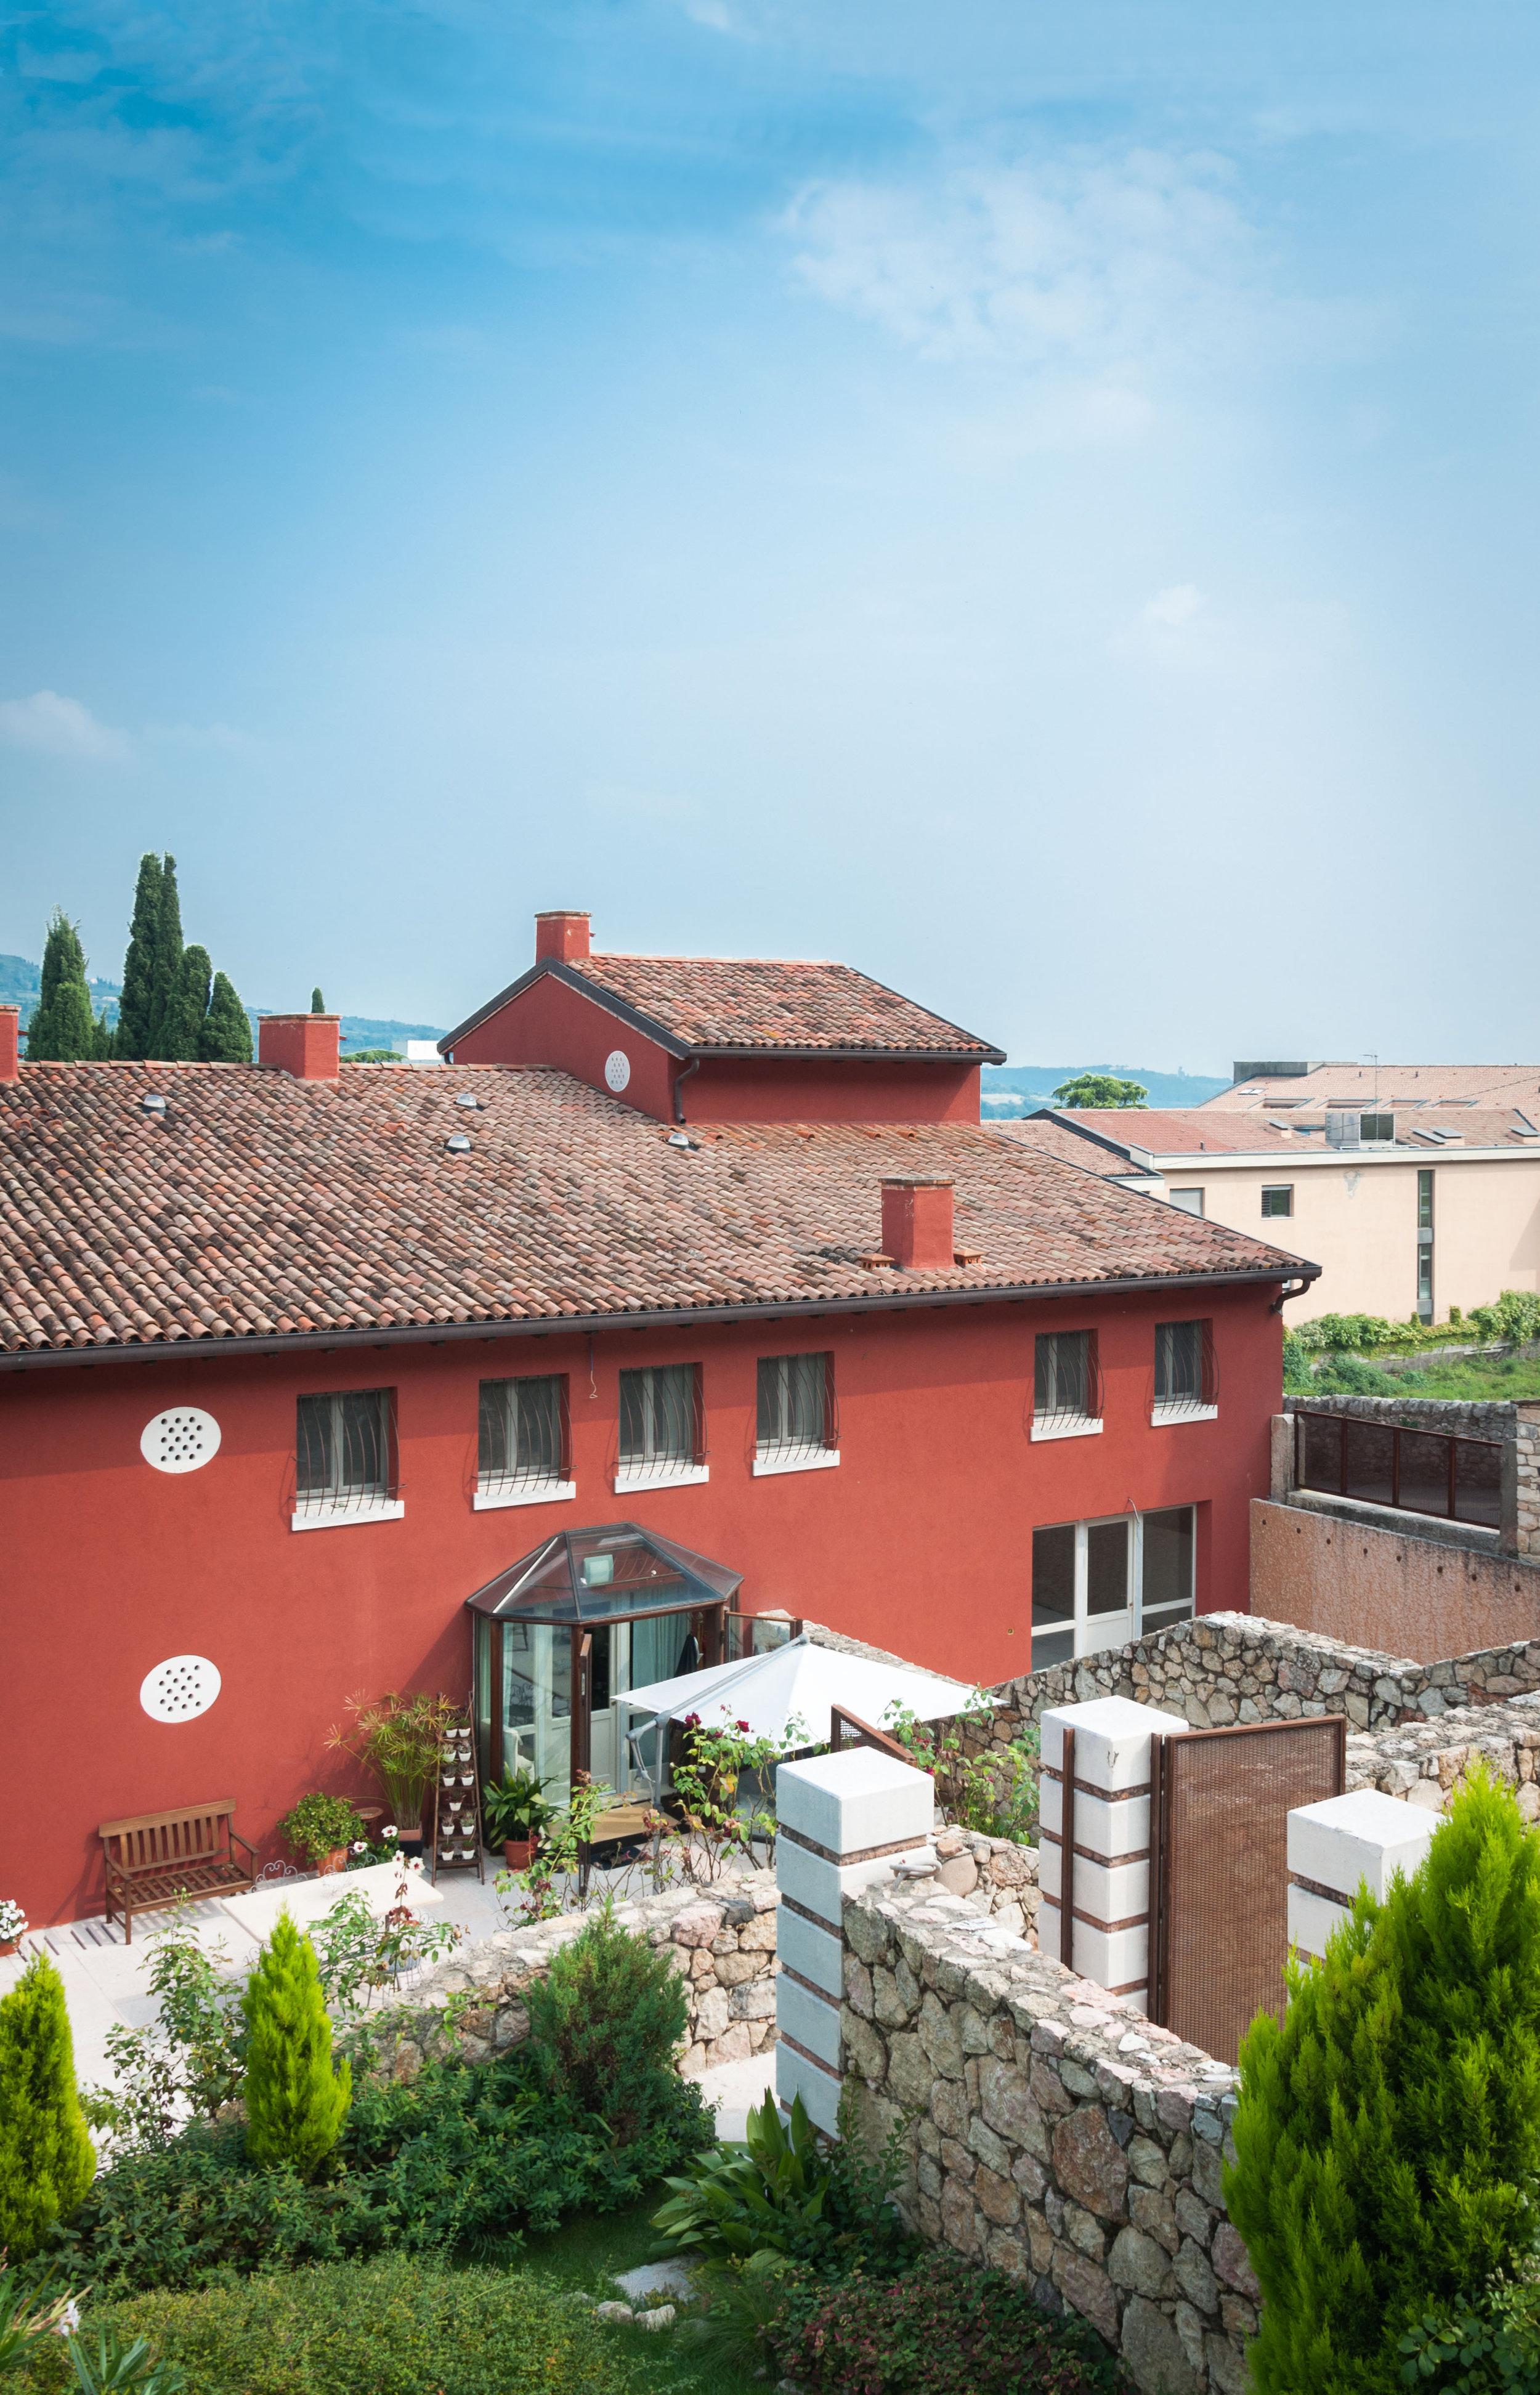 Colle-degli-Ulivi-6.jpg